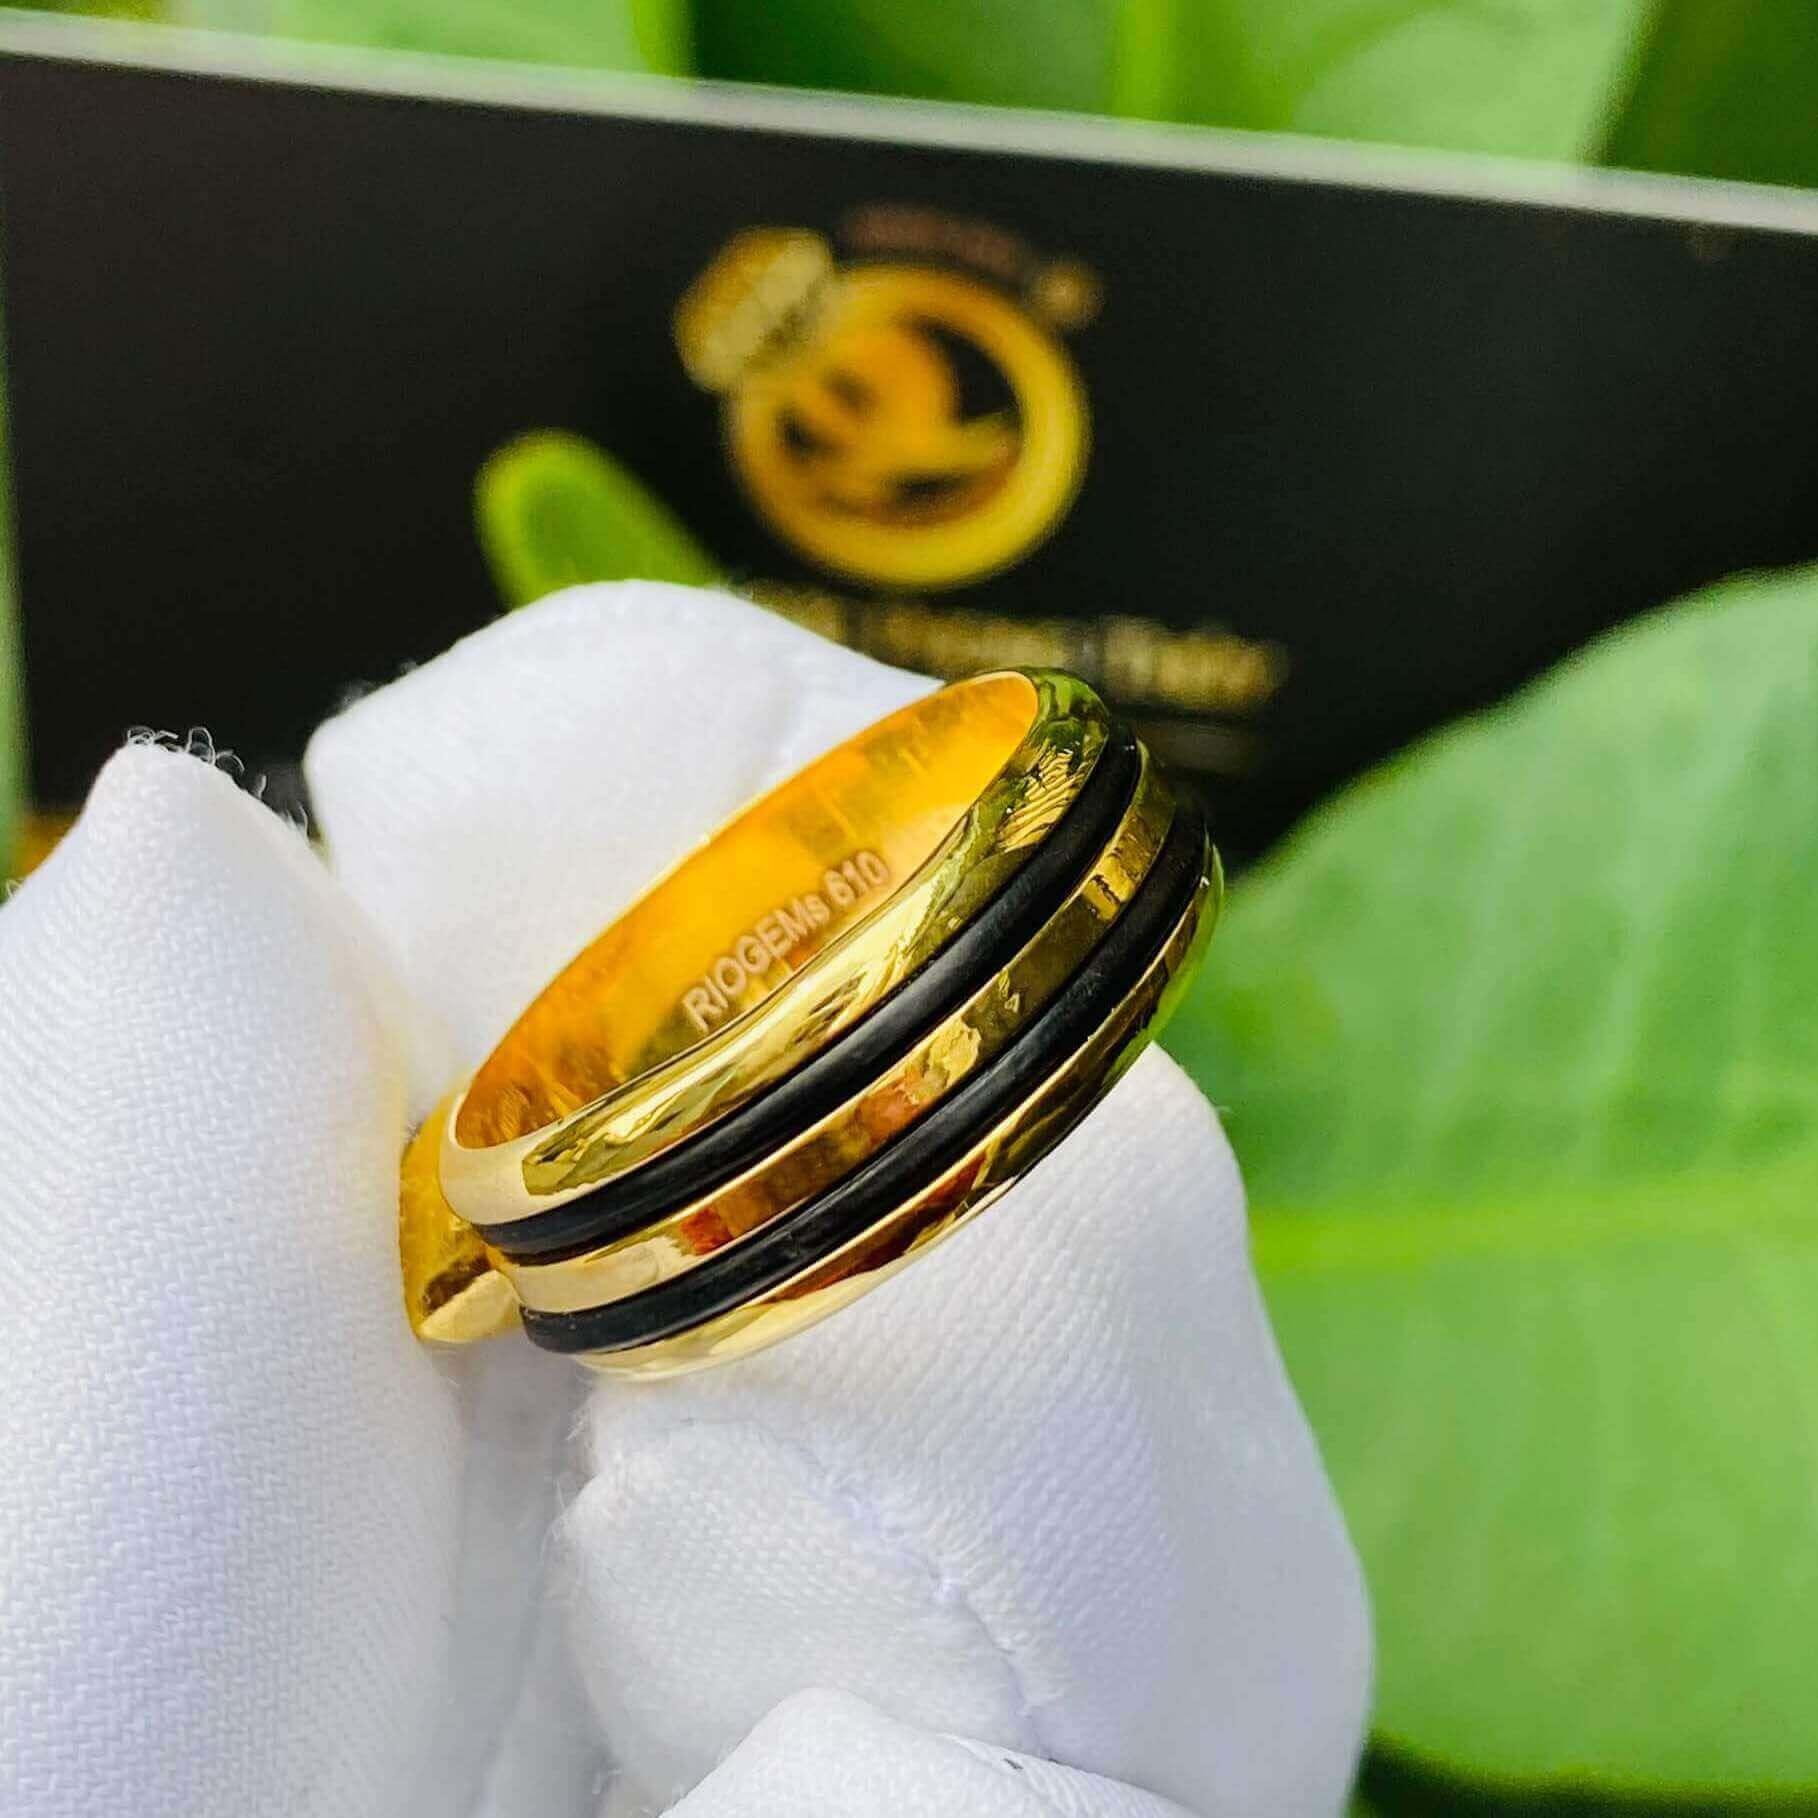 Nhẫn thỏi vàng mặt đá Garnet luồng 2 sợi lông voi đường nét siêu chất